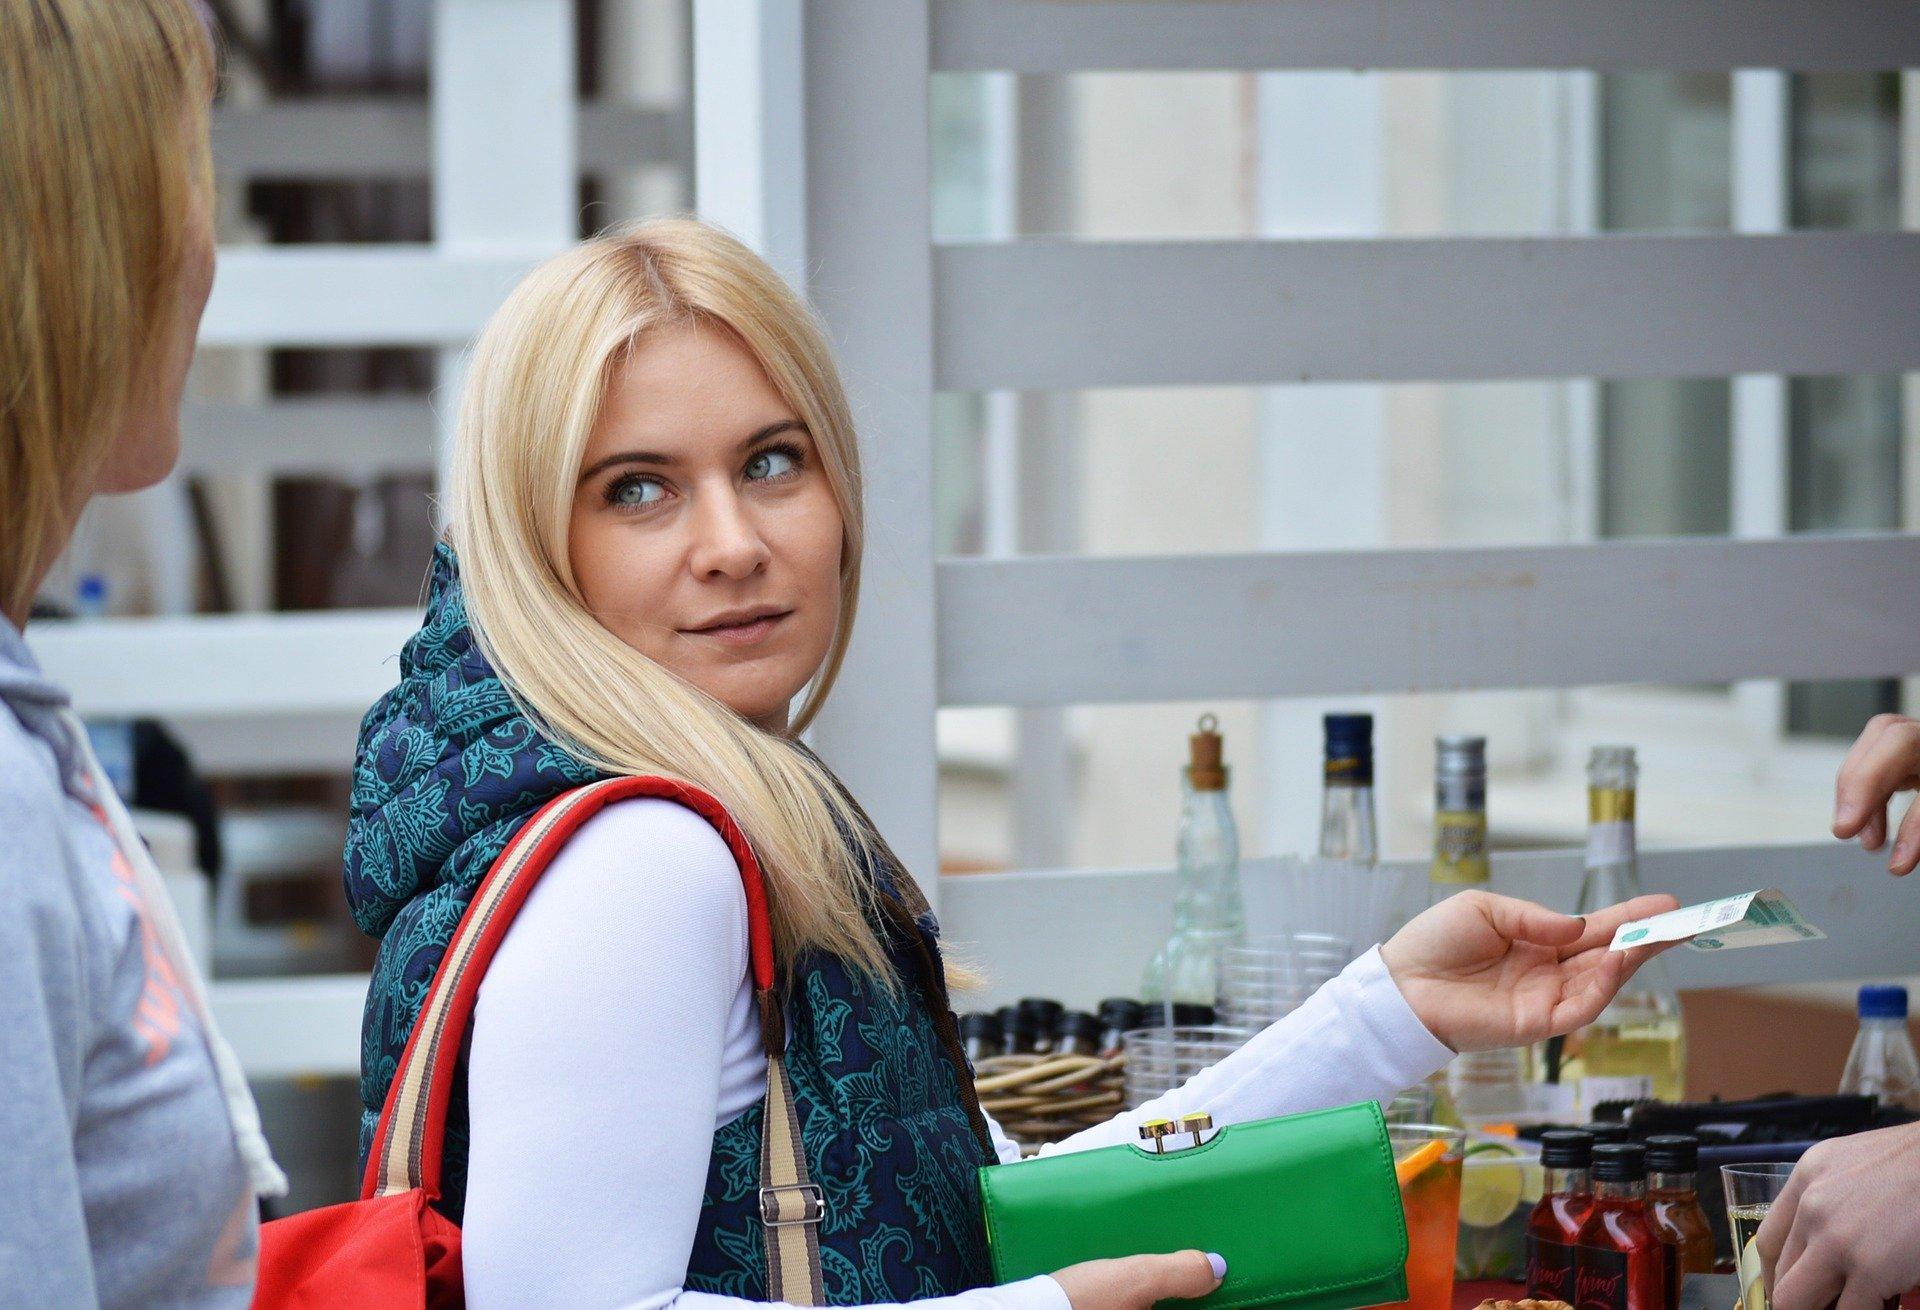 Vemos uma mulher loira pagando um produto em uma loja (imagem ilustrativa). Texto: qual o melhor tipo de negócio para abrir.